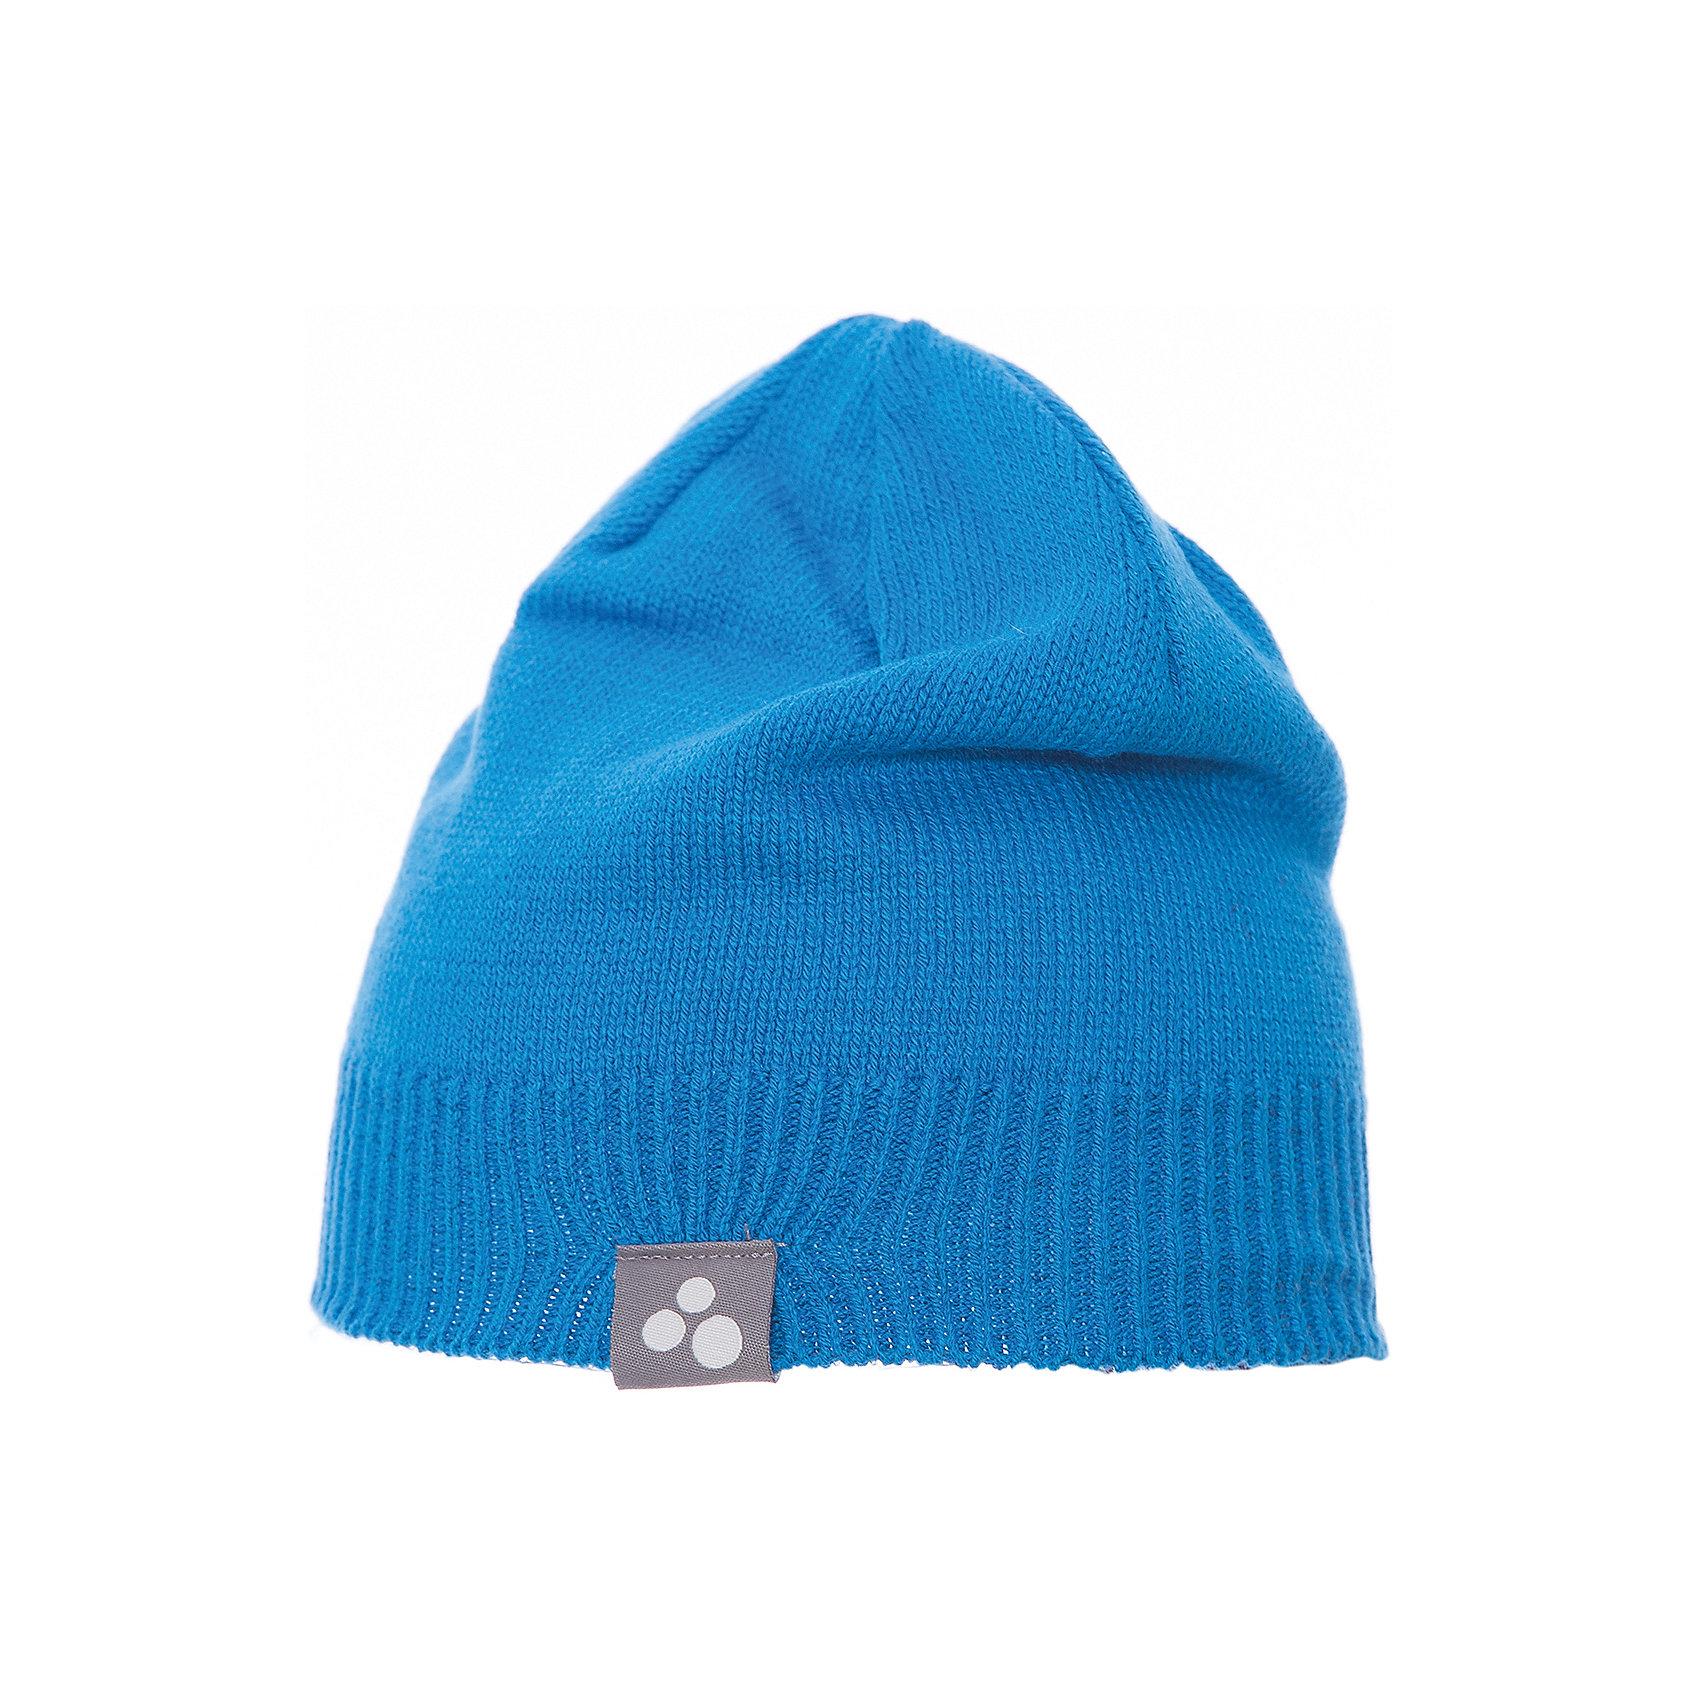 Шапка BORIS для мальчика HuppaДемисезонные<br>Характеристики товара:<br><br>• цвет: голубой<br>• состав: 60% хлопок 40% акрил<br>• температурный режим: от 0°до +10°С<br>• демисезонная<br>• мягкая резинка<br>• логотип<br>• комфортная посадка<br>• мягкий материал<br>• страна бренда: Эстония<br><br>Эта шапка обеспечит детям тепло и комфорт. Подкладка сделана из приятного на ощупь дышащего и гипоаллергенного хлопка. Шапка очень симпатично смотрится, а дизайн и расцветка позволяют сочетать её с различной одеждой. Модель была разработана специально для детей.<br><br>Одежда и обувь от популярного эстонского бренда Huppa - отличный вариант одеть ребенка можно и комфортно. Вещи, выпускаемые компанией, качественные, продуманные и очень удобные. Для производства изделий используются только безопасные для детей материалы. Продукция от Huppa порадует и детей, и их родителей!<br><br>Шапку BORIS от бренда Huppa (Хуппа) можно купить в нашем интернет-магазине.<br><br>Ширина мм: 89<br>Глубина мм: 117<br>Высота мм: 44<br>Вес г: 155<br>Цвет: голубой<br>Возраст от месяцев: 6<br>Возраст до месяцев: 12<br>Пол: Мужской<br>Возраст: Детский<br>Размер: 51-53,47-49,43-45<br>SKU: 5347829